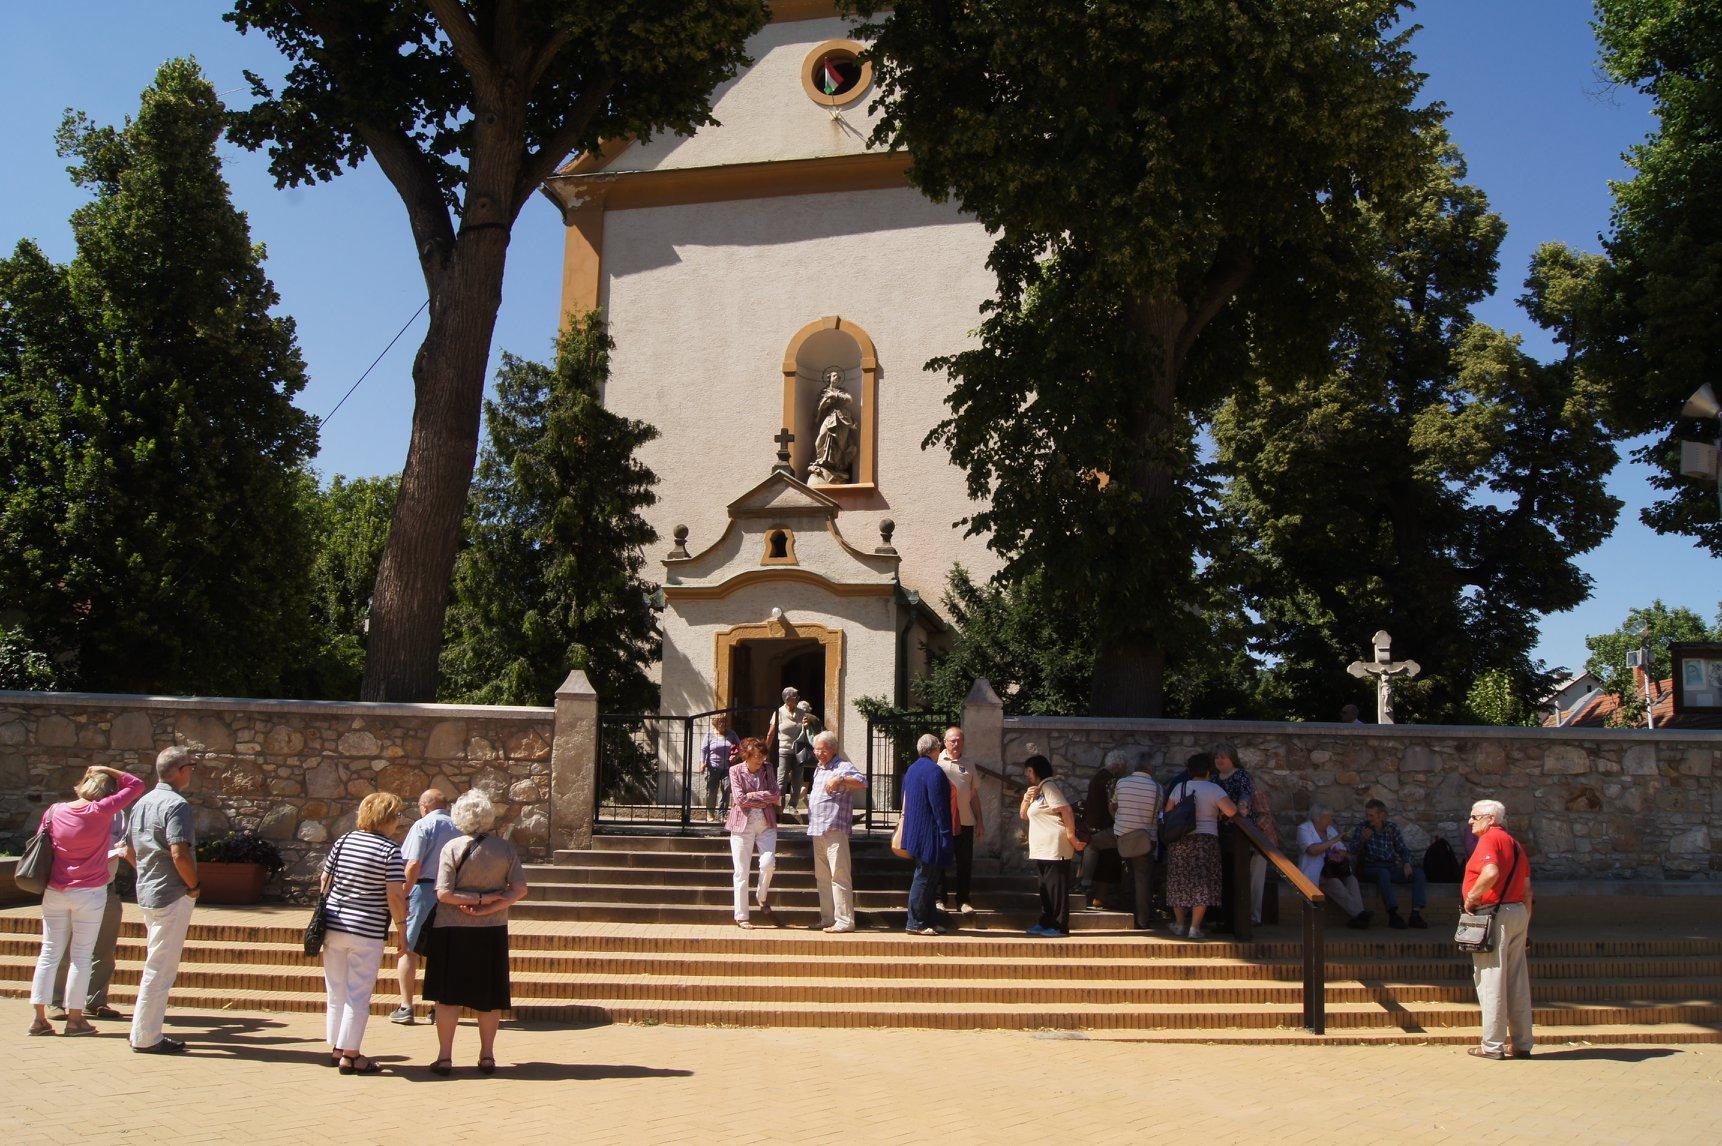 A templomunk turista szemmel Huber Éva fotója